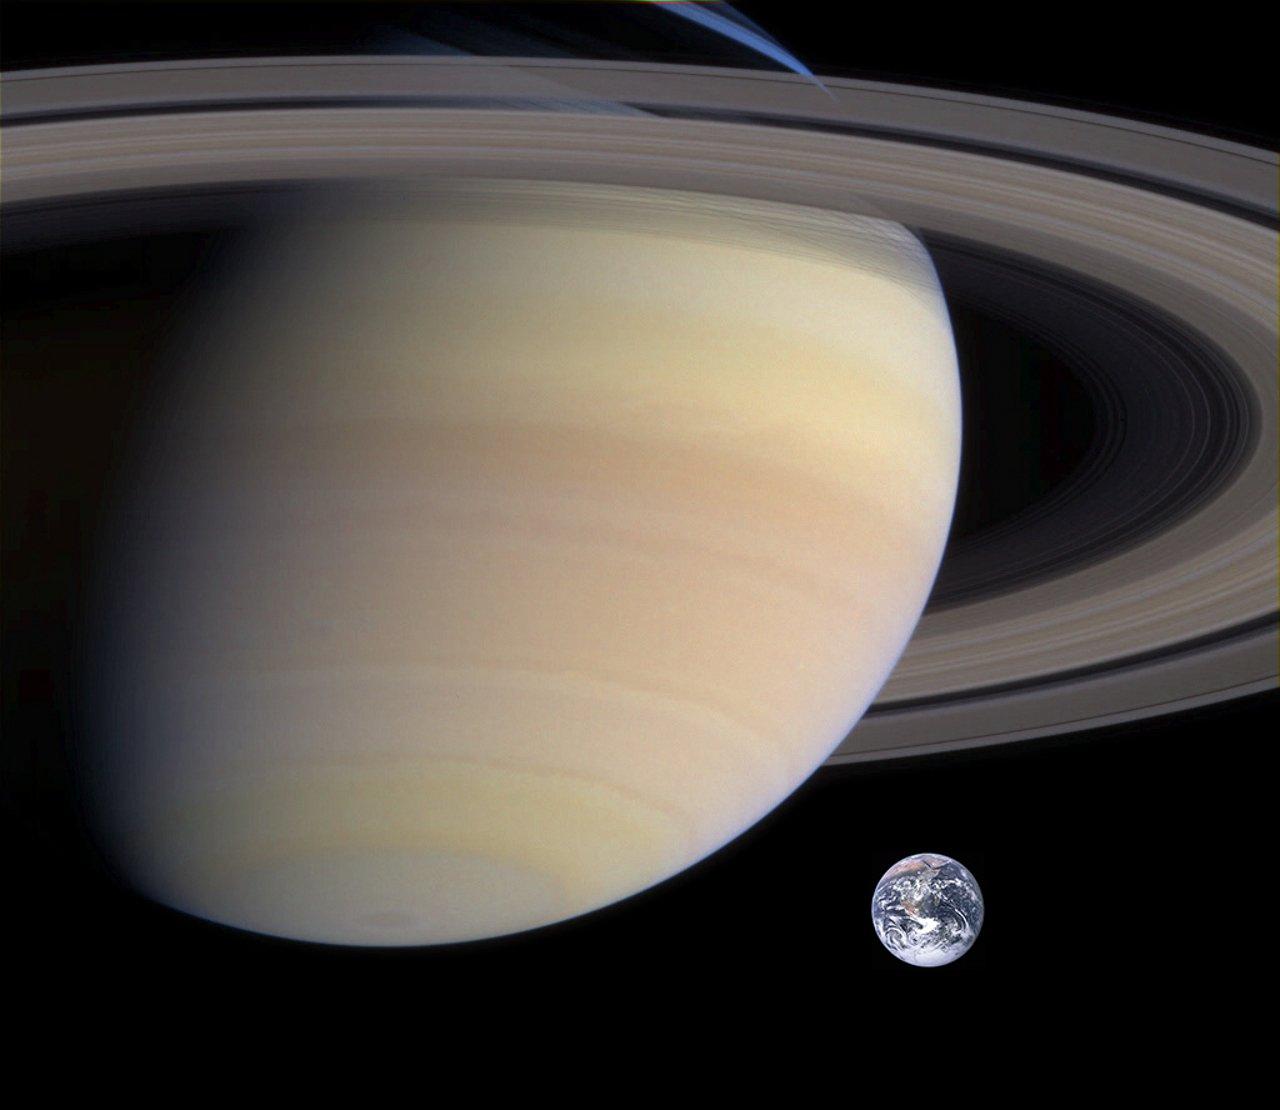 Größenvergleich von Erde und Saturn